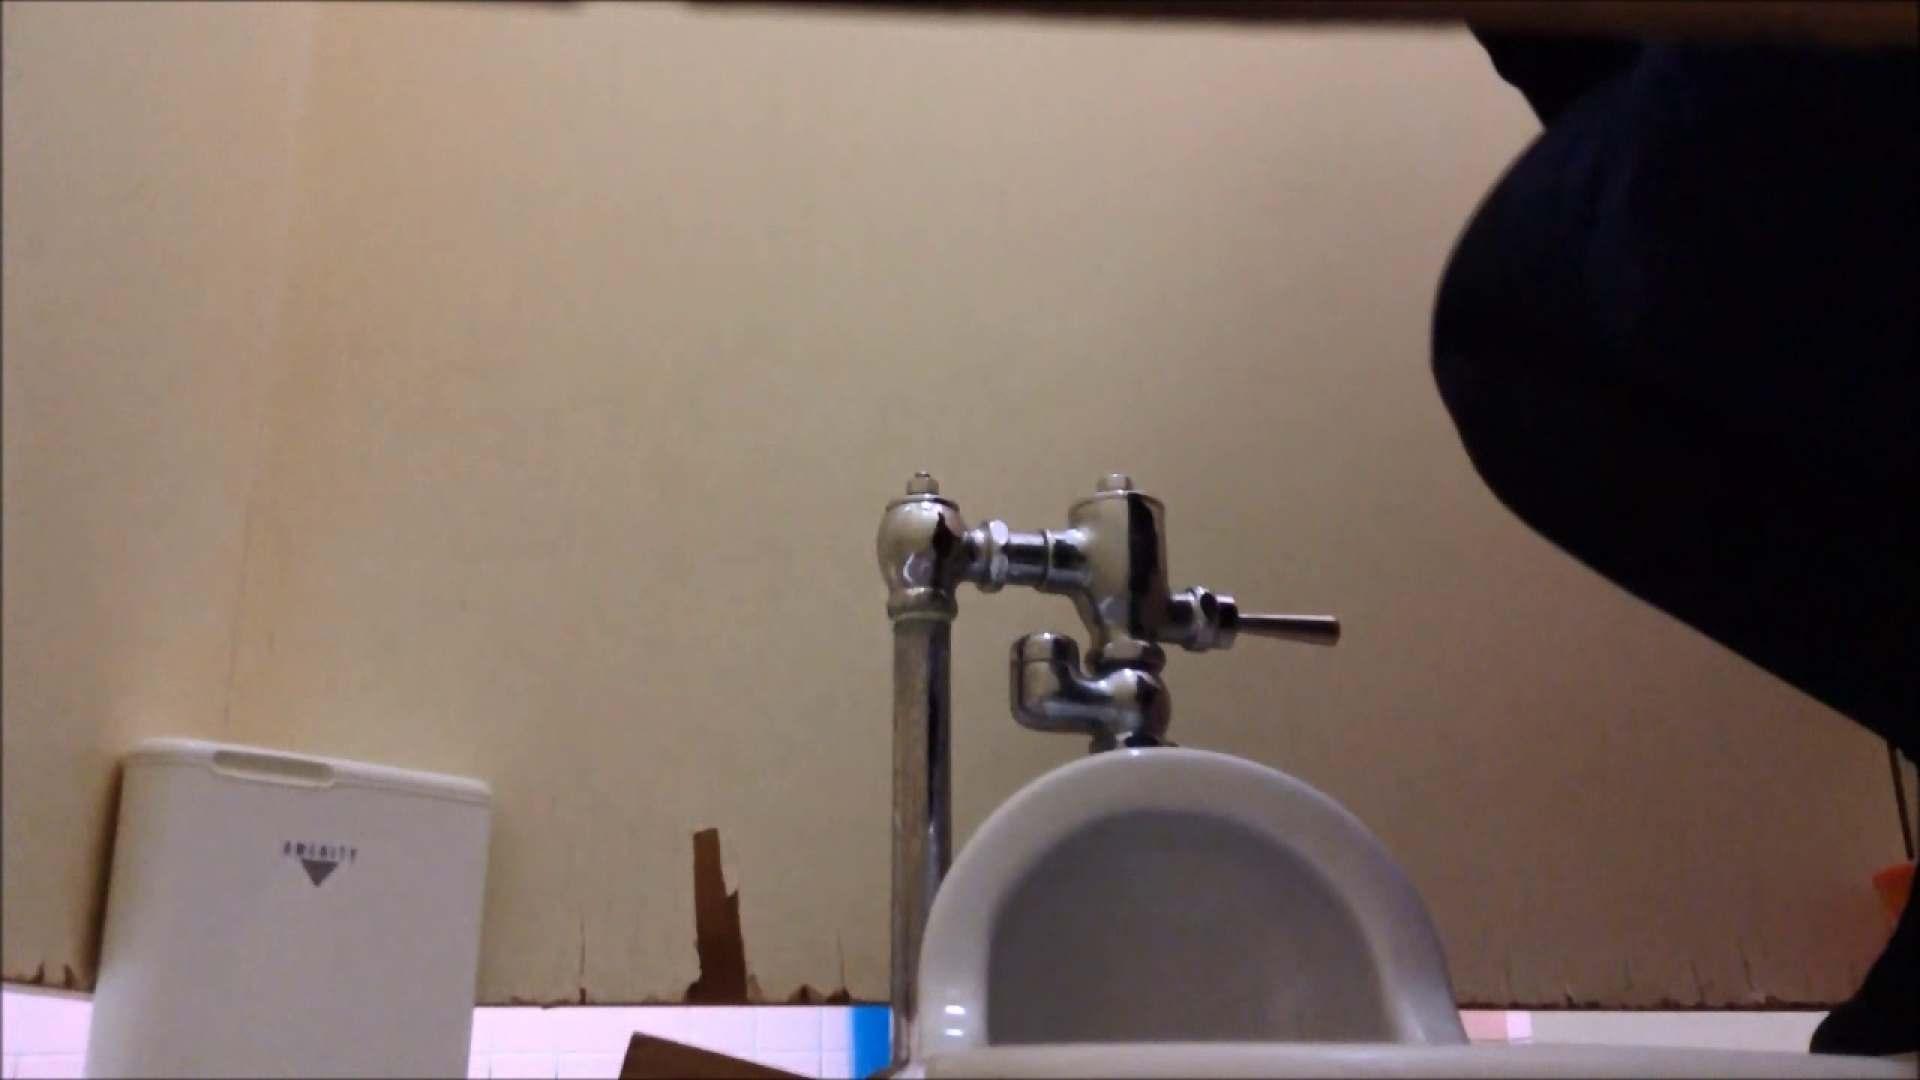 某有名大学女性洗面所 vol.05 和式 性交動画流出 51連発 39